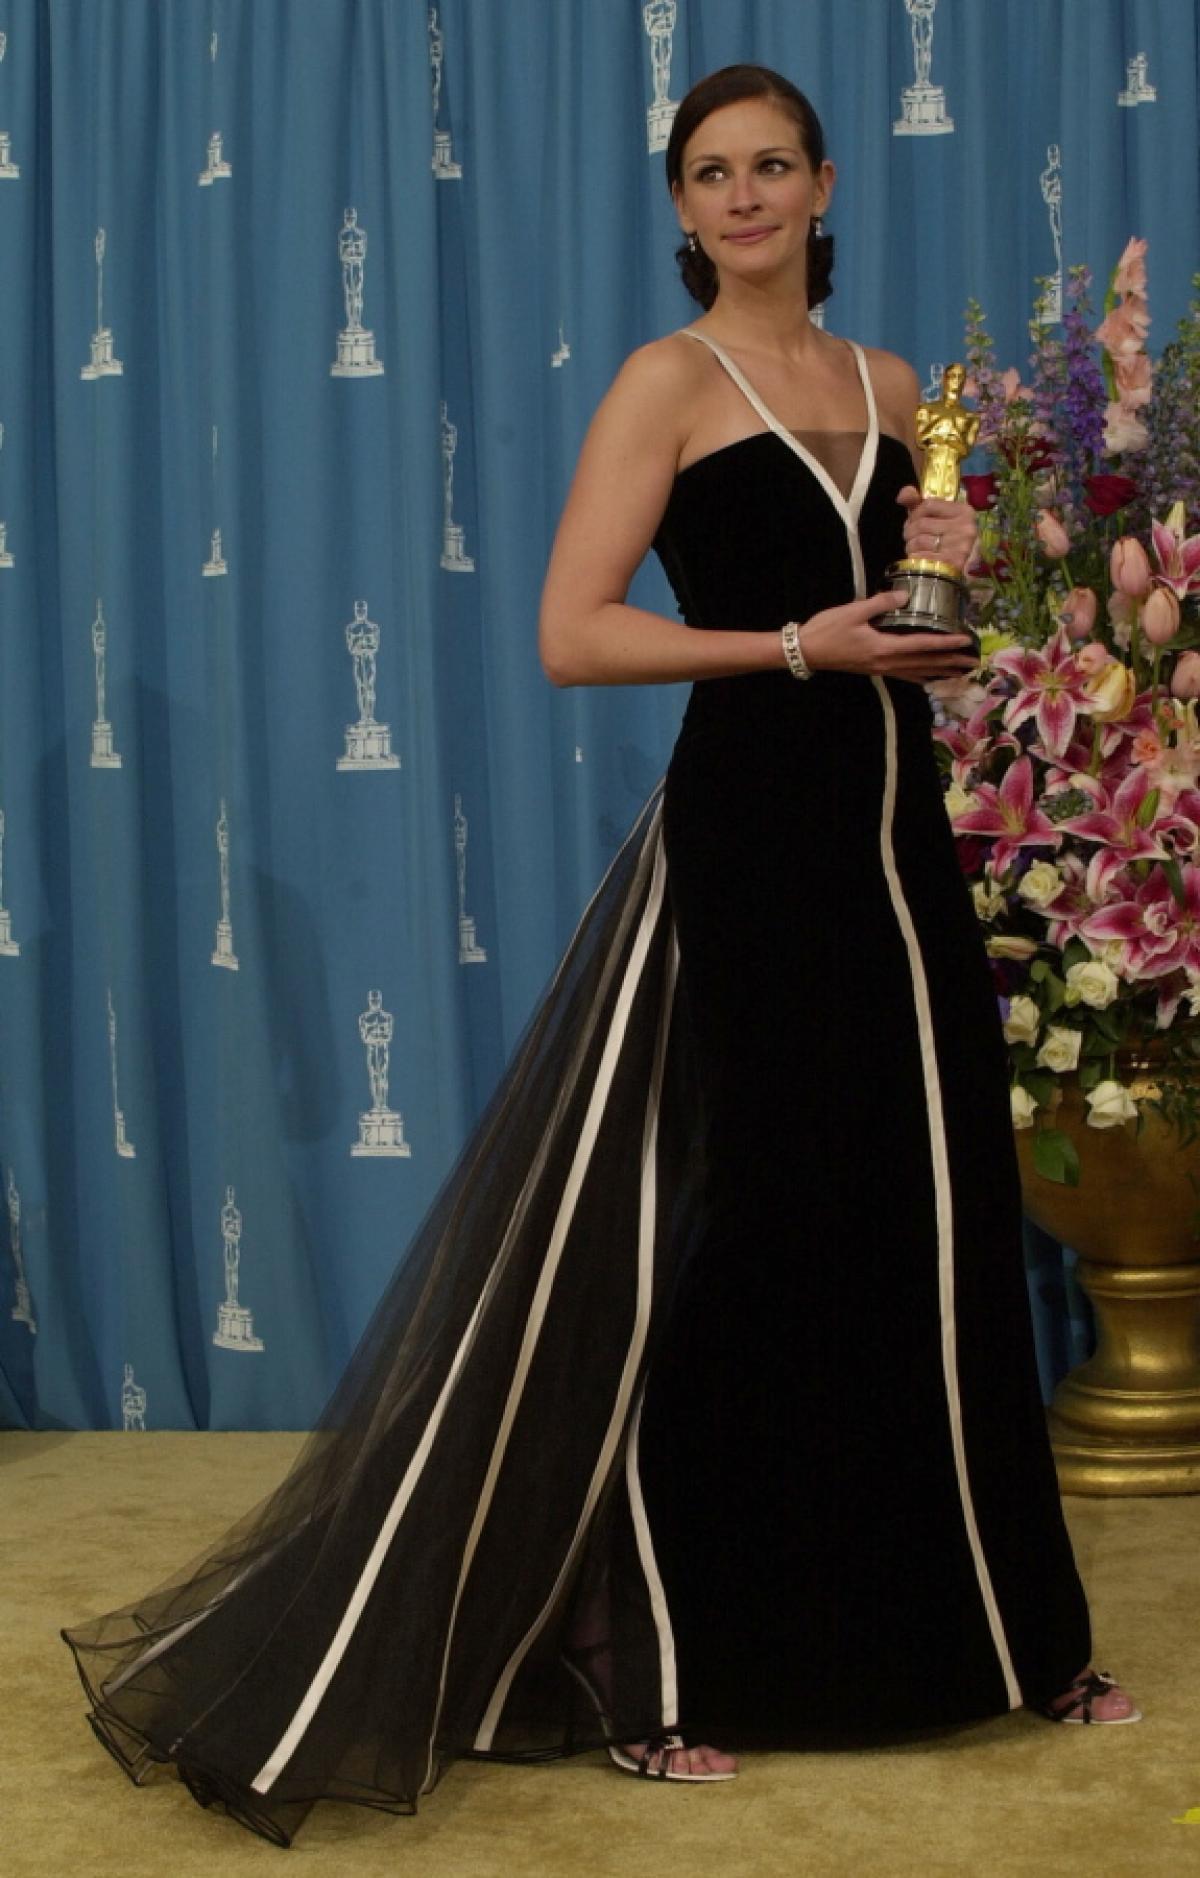 Julia Roberts elegantissima con l'Oscar per Erin Brokovich